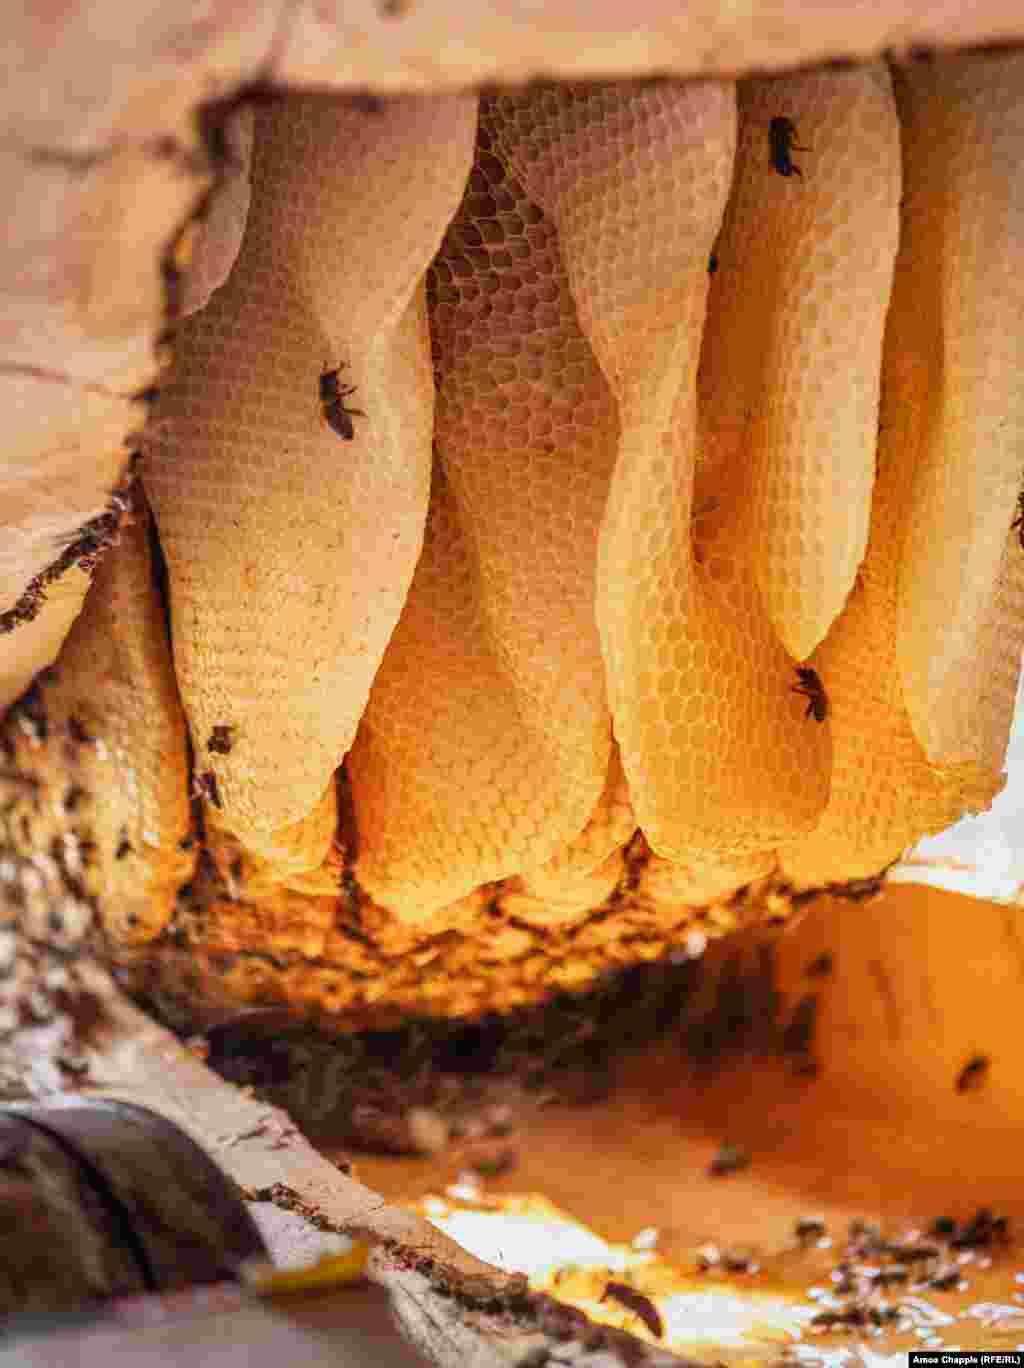 Внутри одного из 20 ульев Путкарадзе соты свисают с верхней части полого бревна. Он говорит, что всю свою жизнь проработал с пчелами в основном для того, чтобы «сохранить традицию», но благодаря растущему рынку этого уникального меда он планирует добавить еще 10 ульев